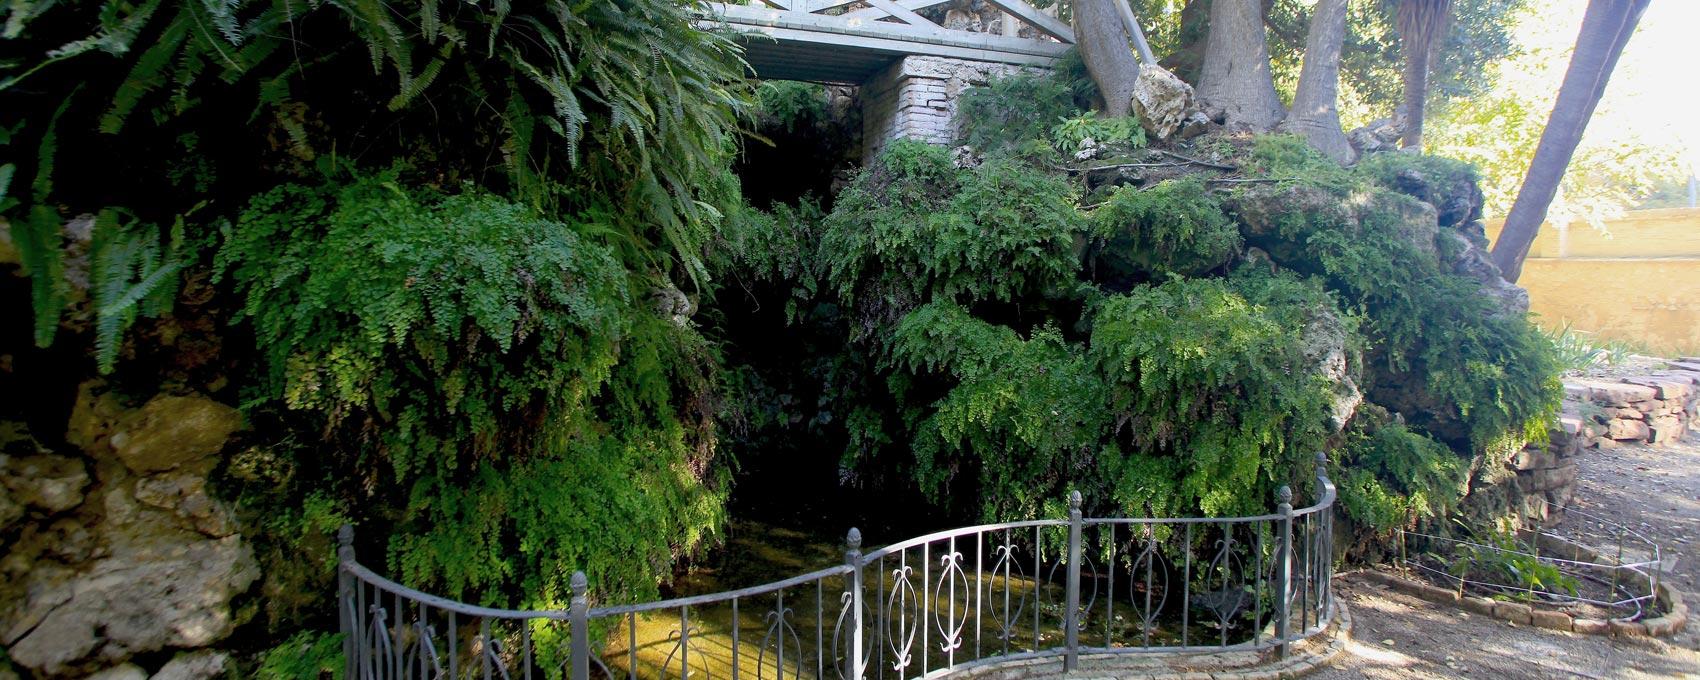 A un dels costats de la muntanyeta podem veure un xicotet pont sobre una cascada envoltada de falagueres